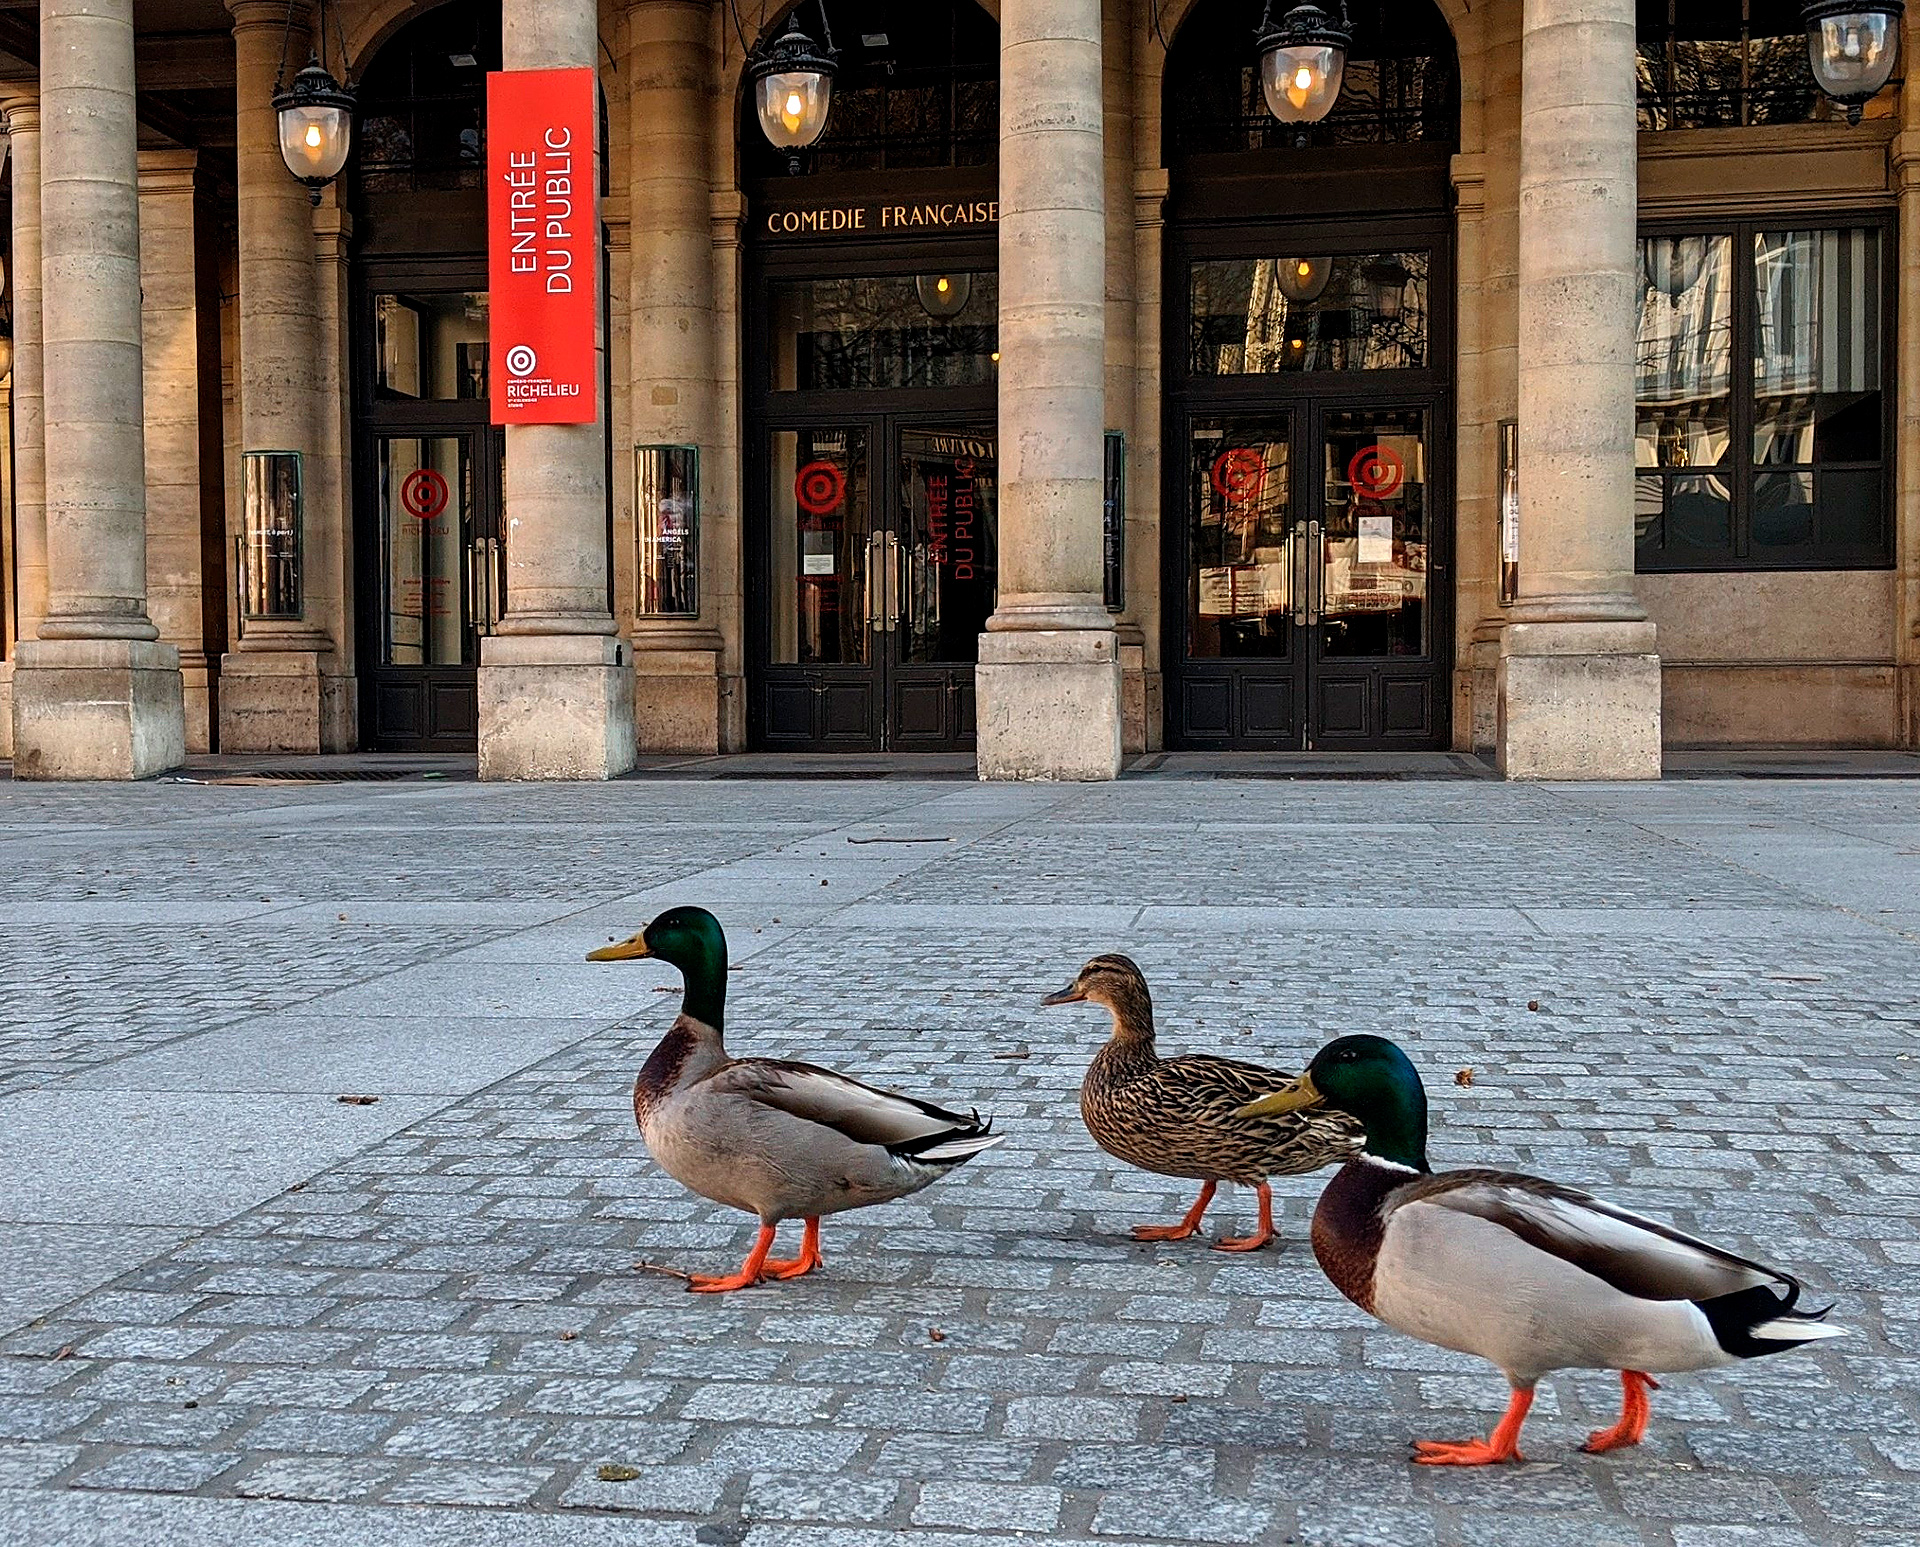 Una imagen inédita de tres patos caminando por las calles de París, Francia